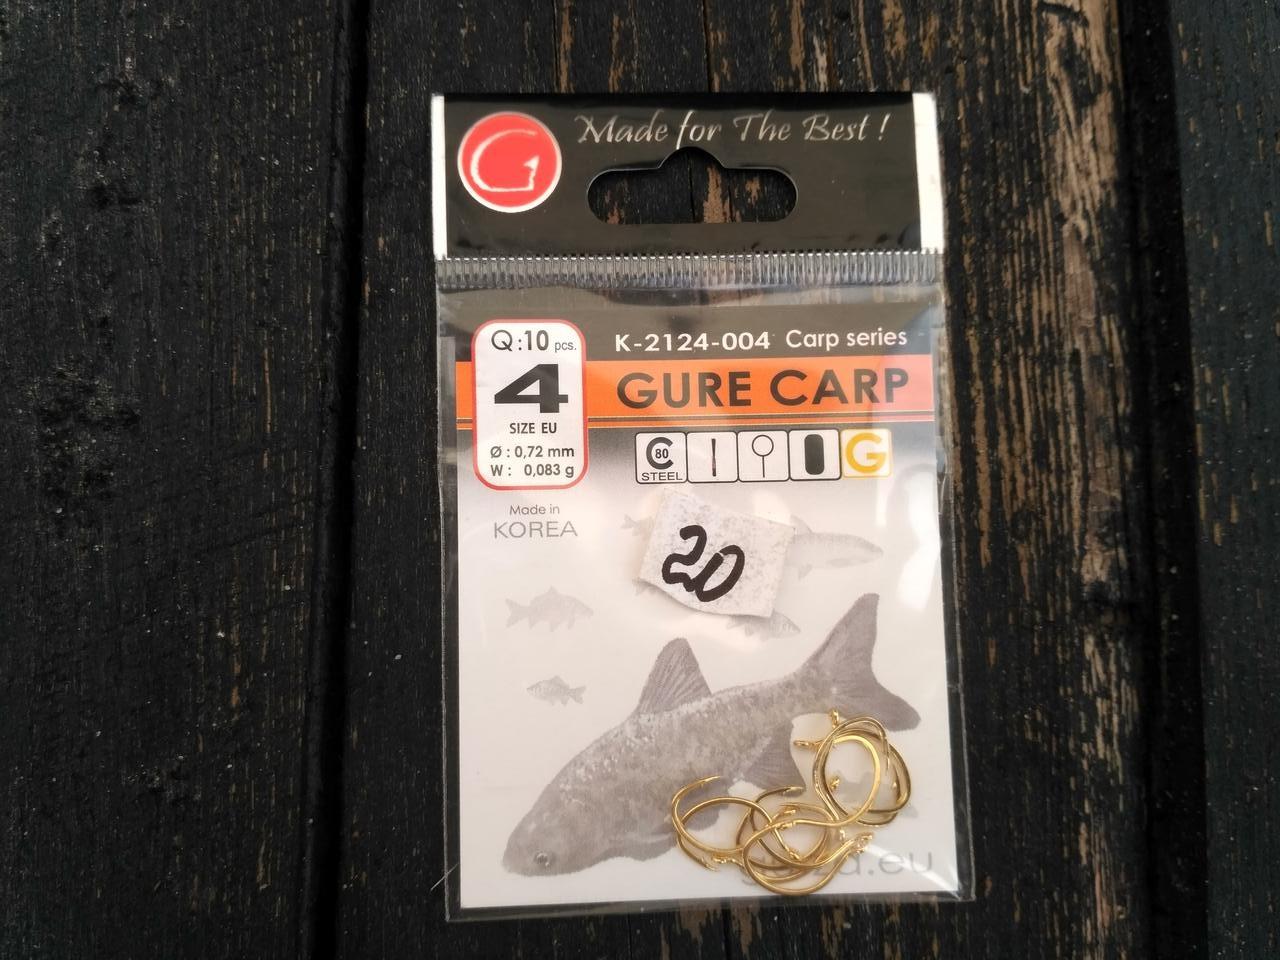 Гачки Gurza gure carp № 4 ( K-2124-004)